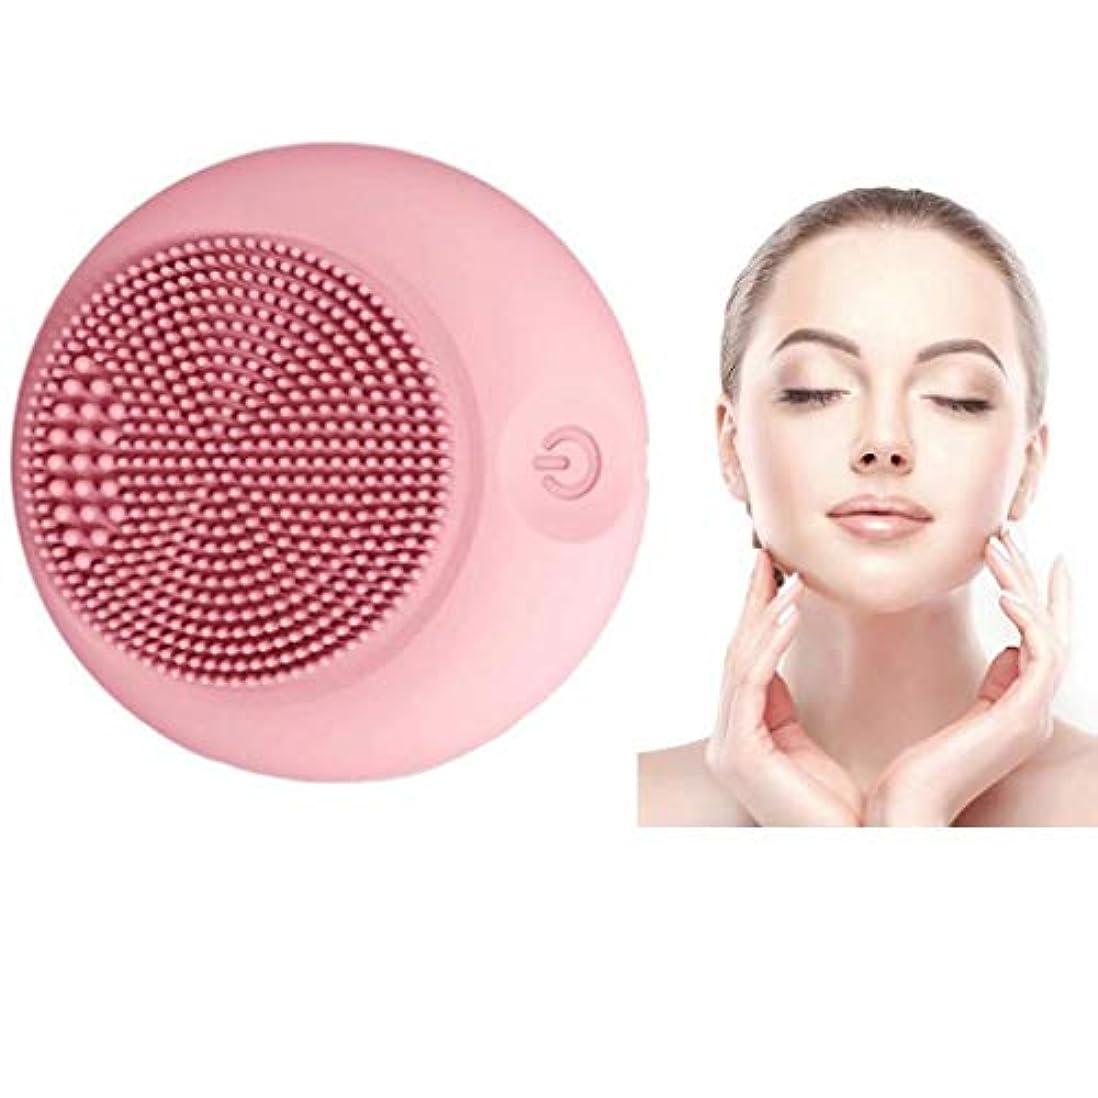 アームストロングロードブロッキング力学クレンジング楽器、シリコンクレンジングブラシ、電動ウォッシュブラシ、シリコンフェイシャルマッサージ、ポータブル超音波振動、肌を清潔に保ち、防水、すべての肌タイプに適して (Color : Pink)